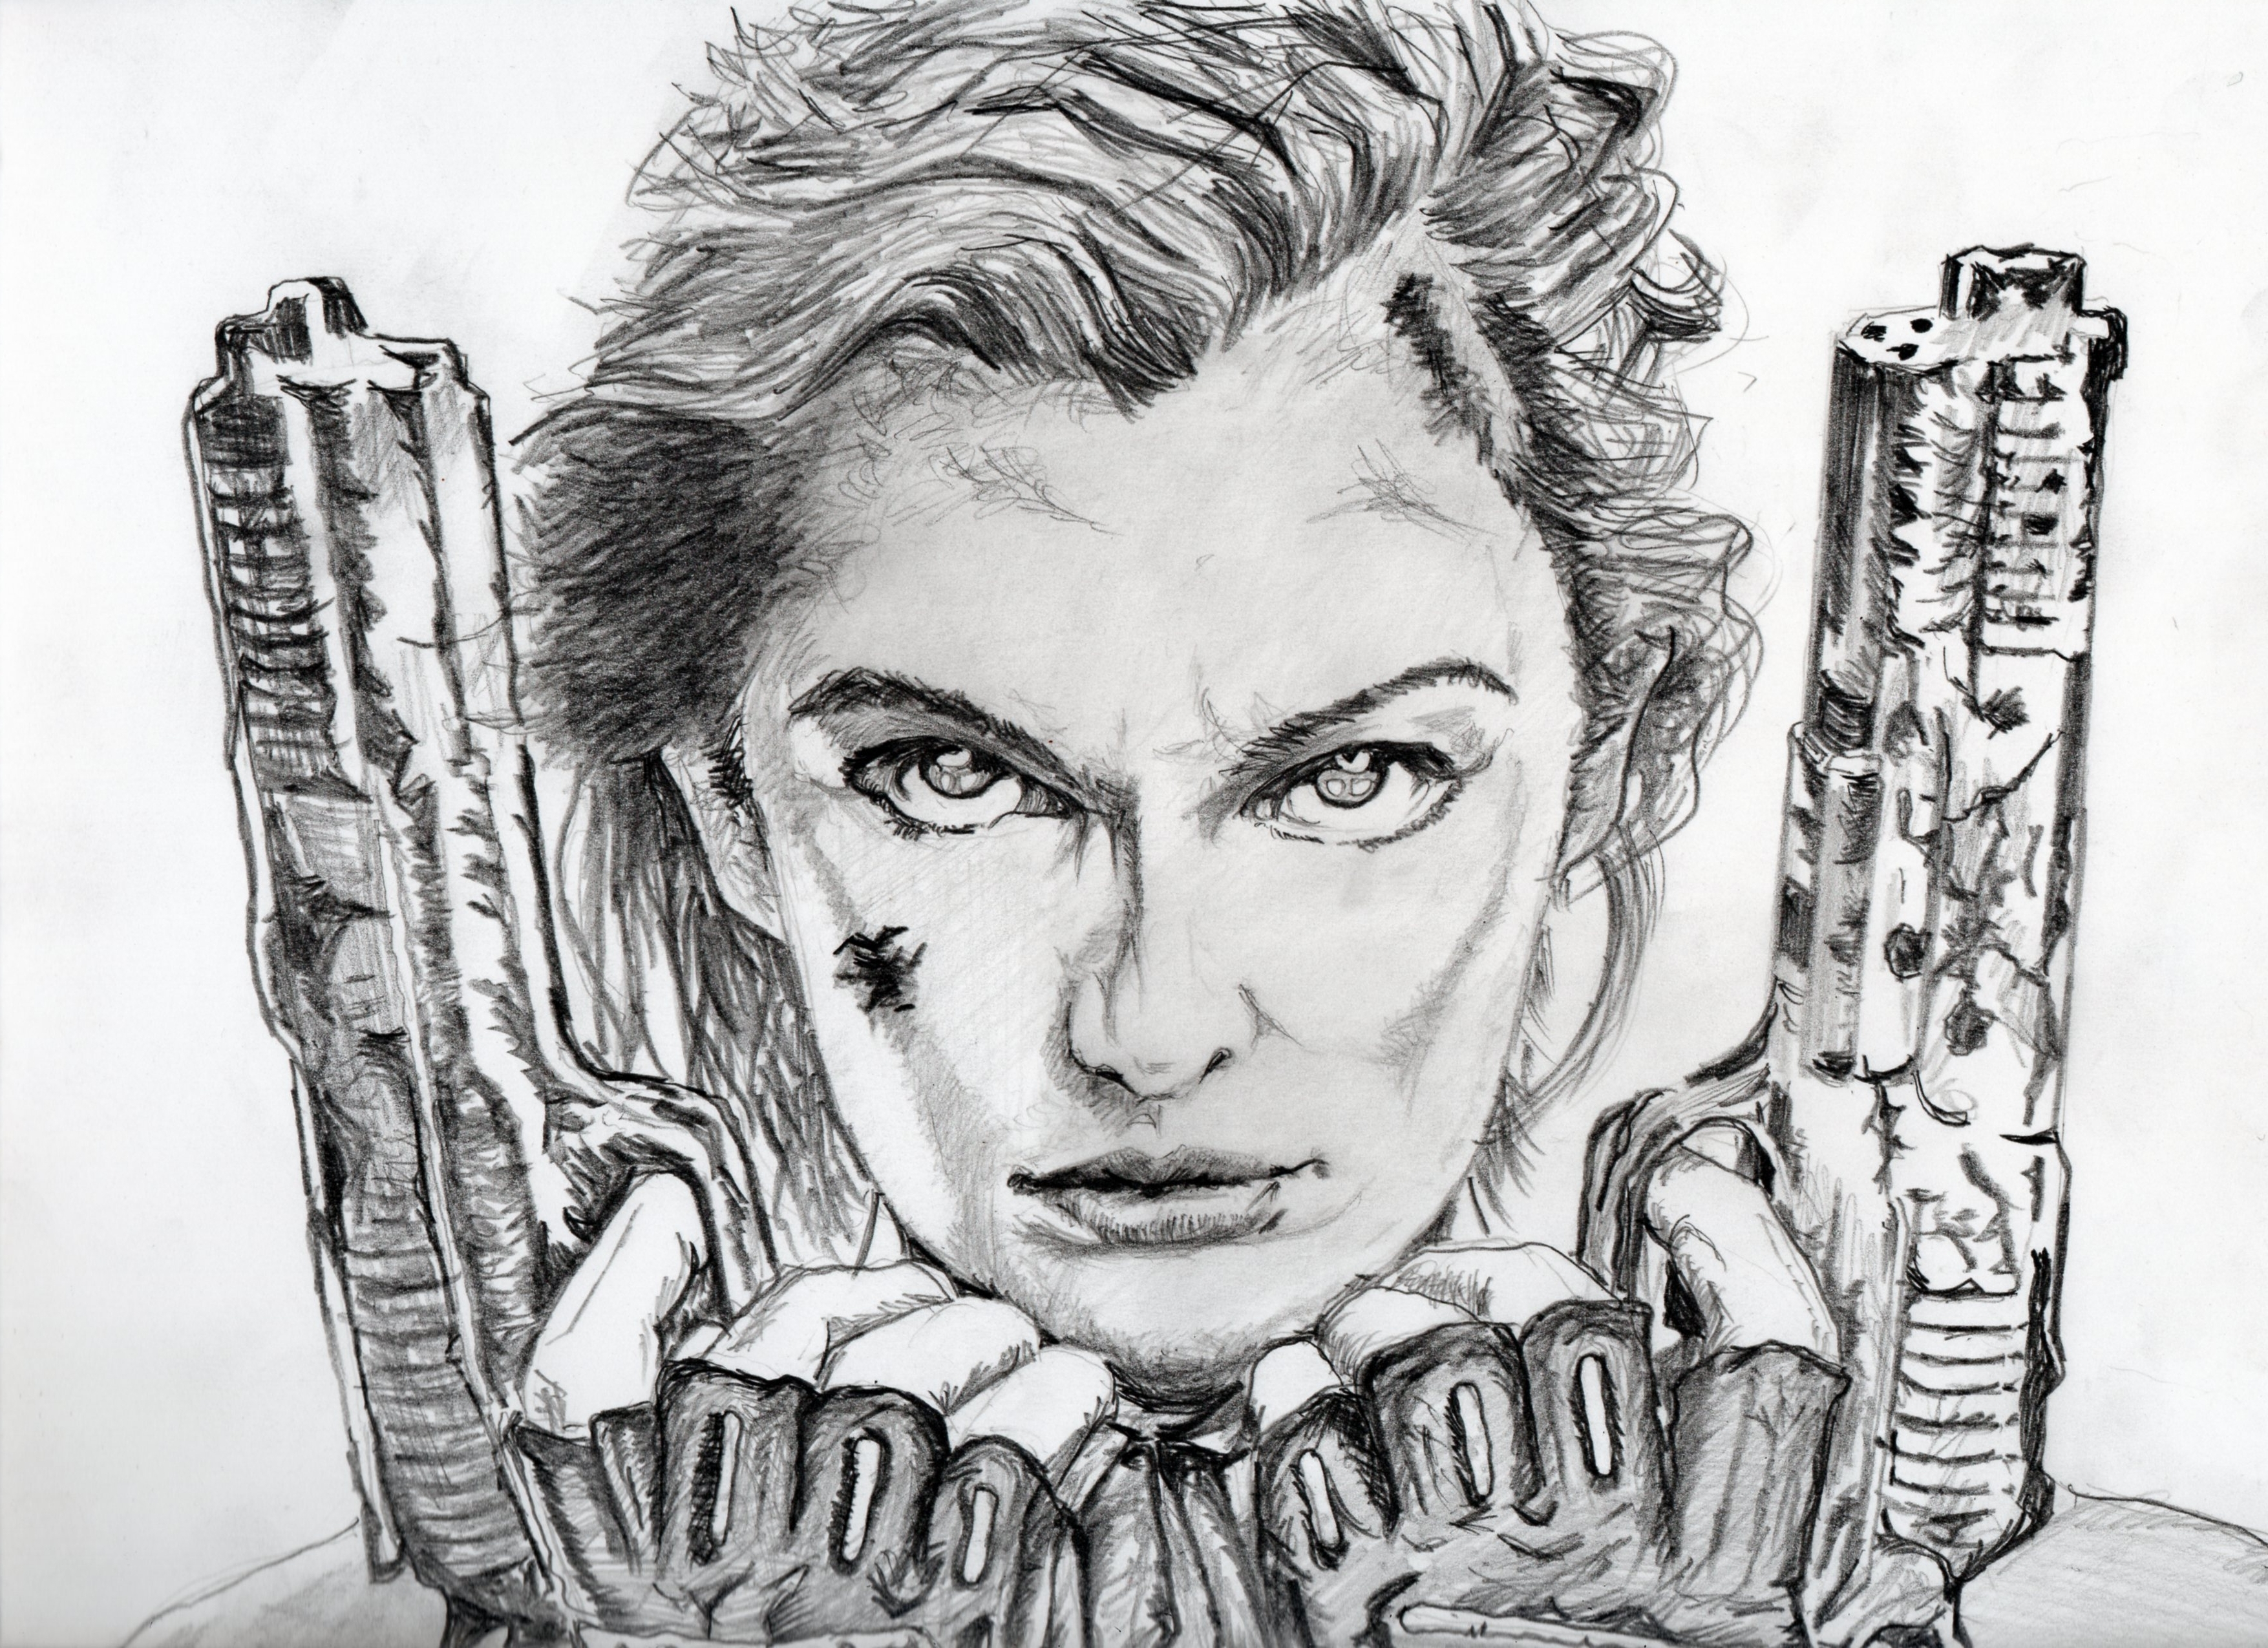 ミラ・ジョヴォヴィッチの鉛筆画似顔絵、ミラ・ジョヴォヴィッチのリアル鉛筆画似顔絵